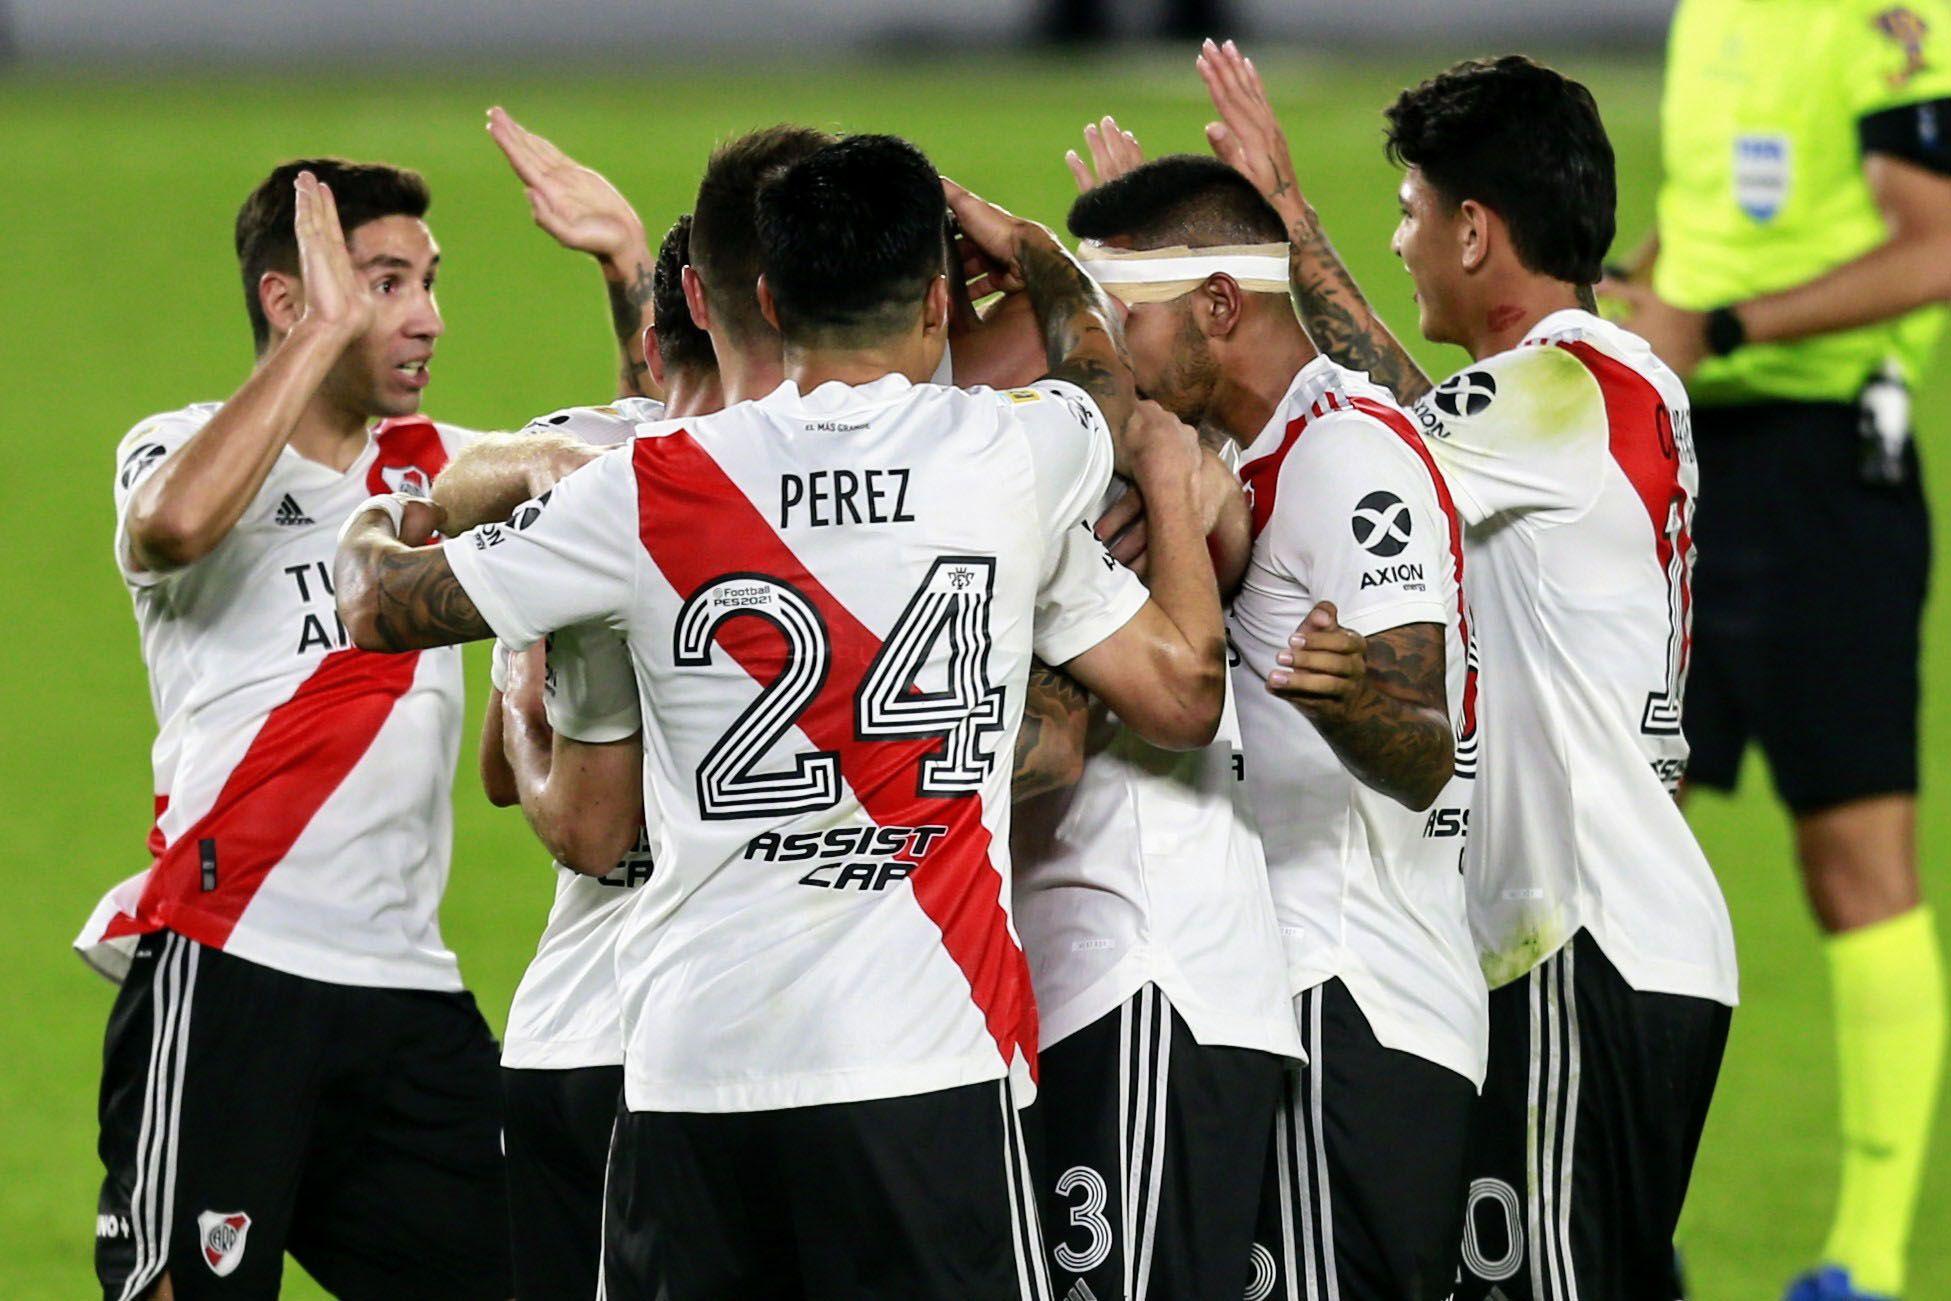 River alcanzó la victoria sobre Colón, al que le sacó el invicto en la Copa de la Liga